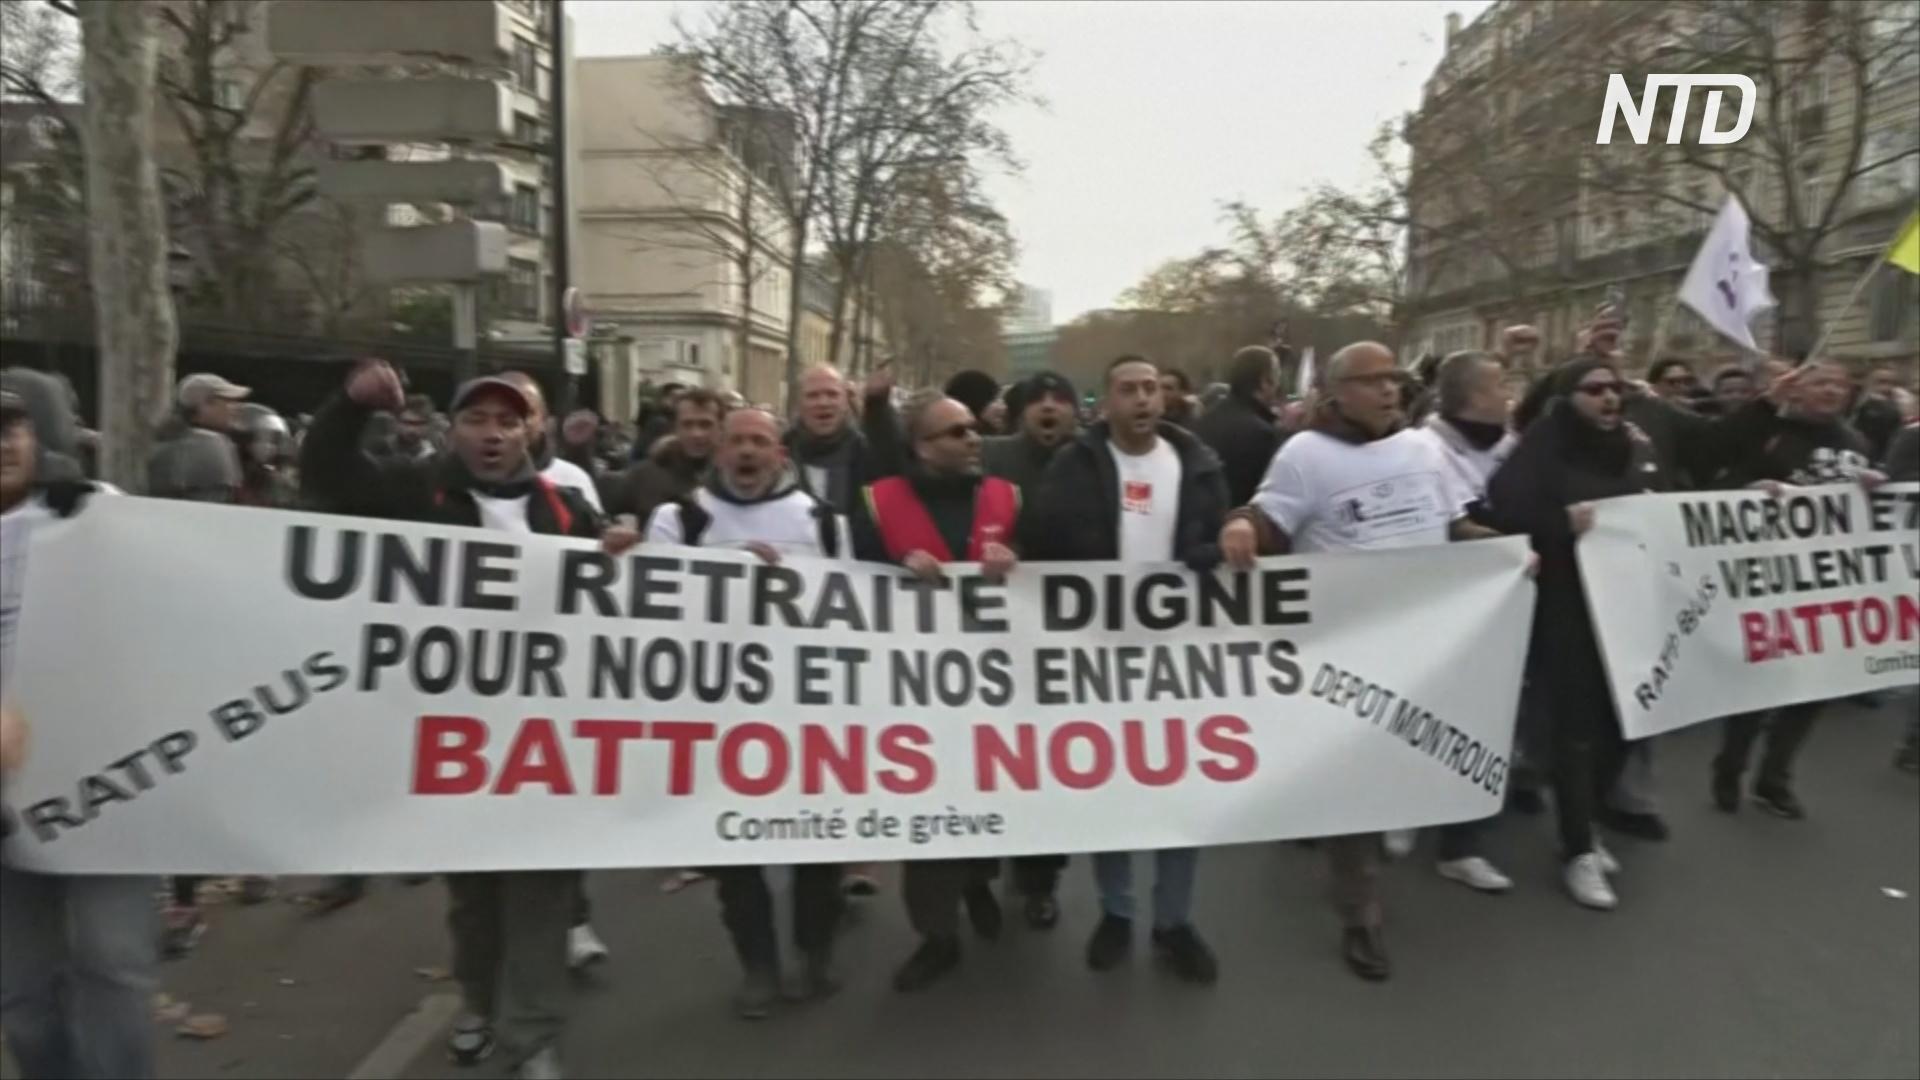 Жители Франции теряют терпение из-за почти недели забастовок